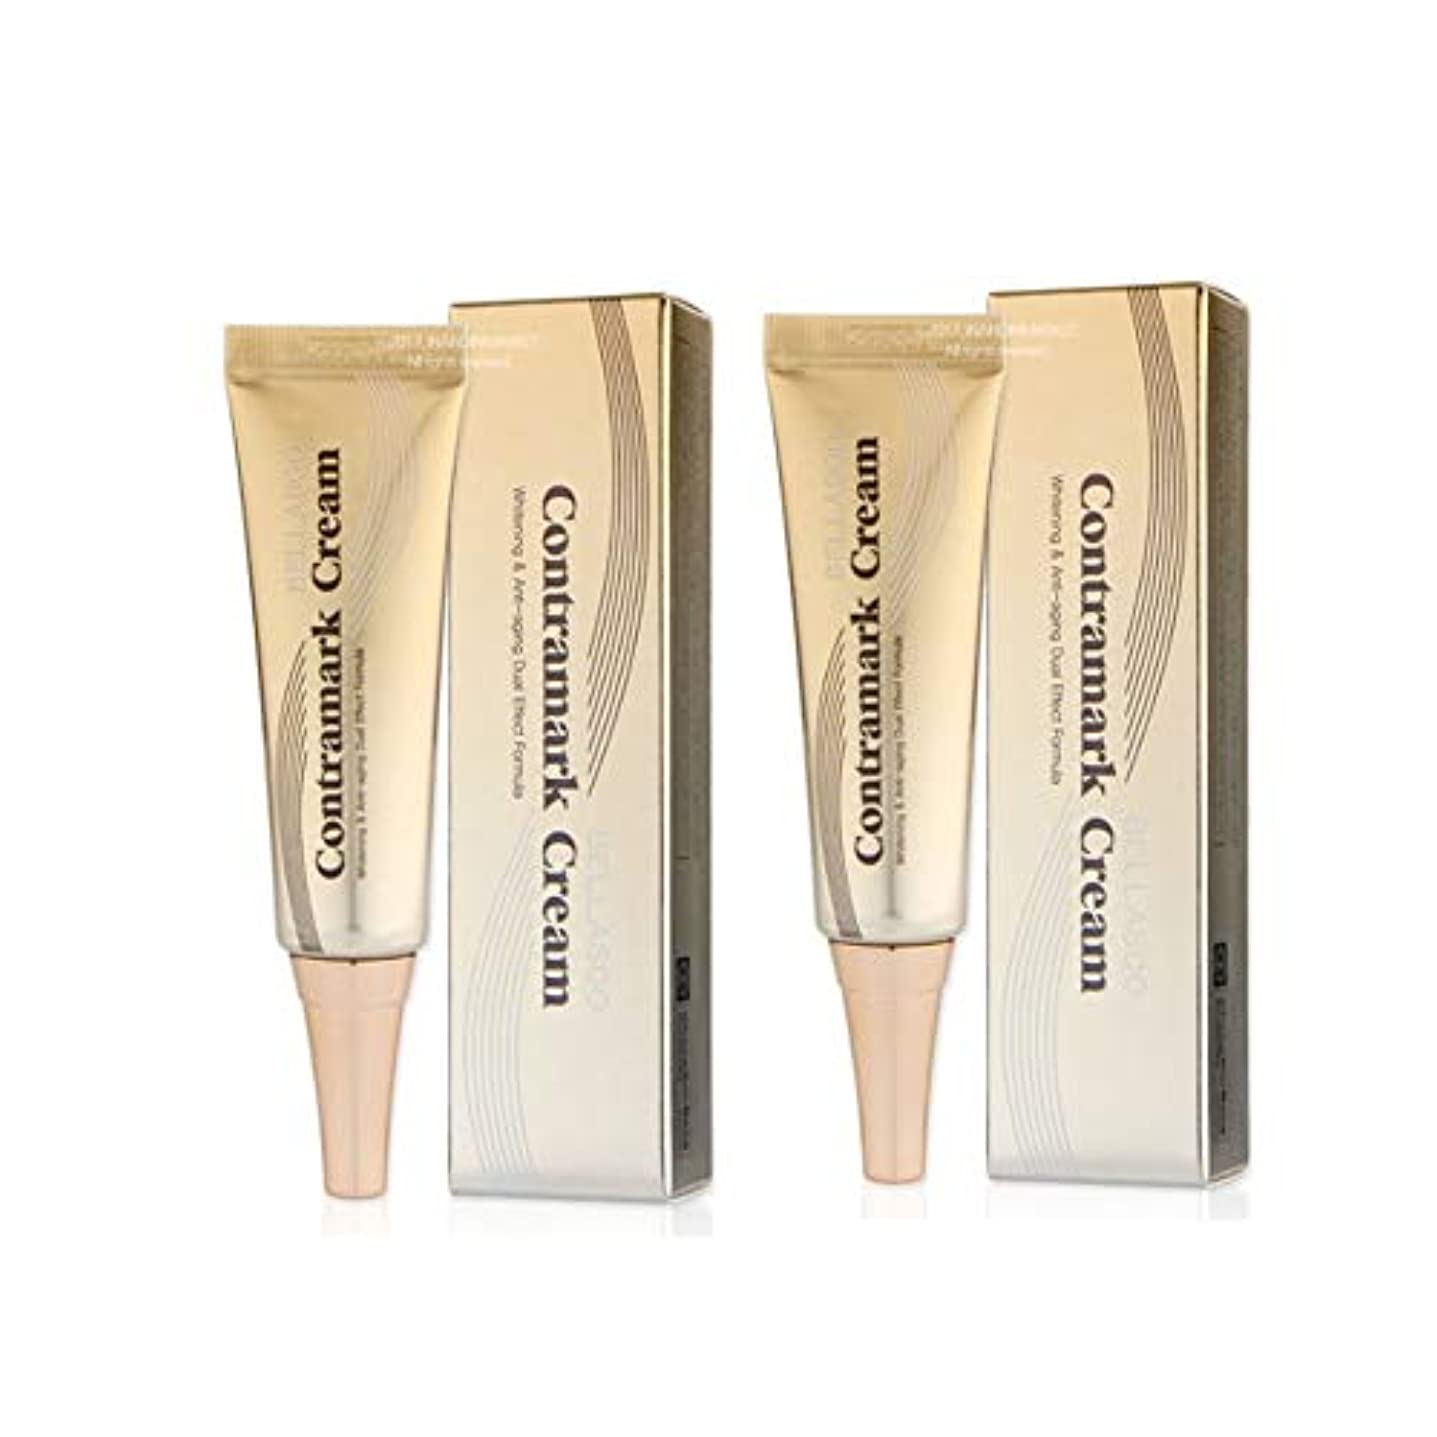 画像評決擬人化鍾根堂ベラシュコントラマーククリーム20gx2本セットシミ?ソバカス韓国コスメ、Chong Kun Dang Bellasoo Contramark Cream 20g x 2ea Set Melasma Cream Korean Cosmetics [並行輸入品]